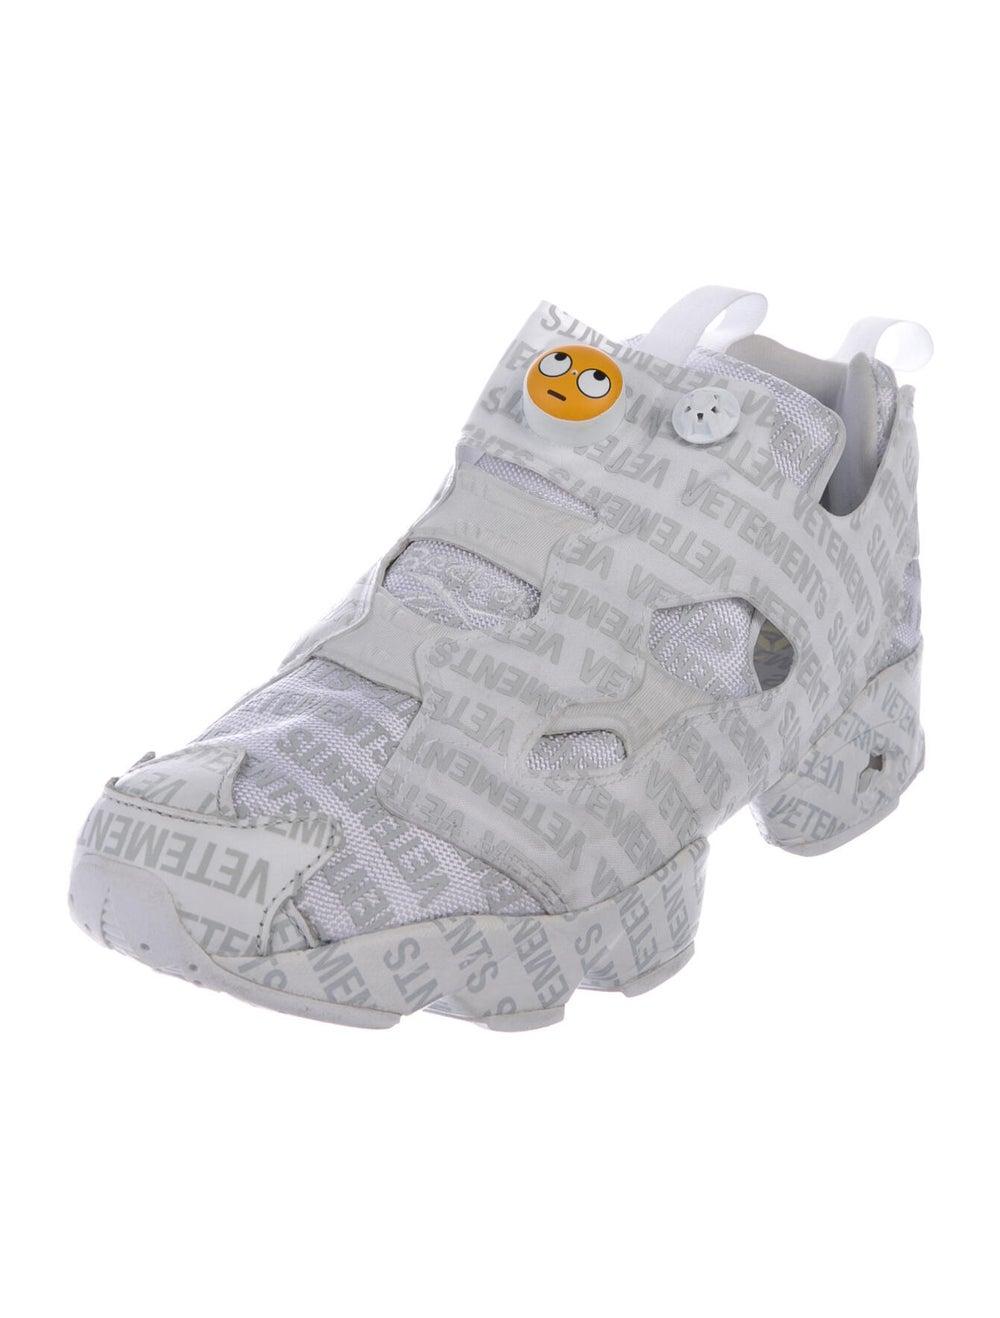 Vetements x Reebok Instapump Fury Emoji Sneakers … - image 2